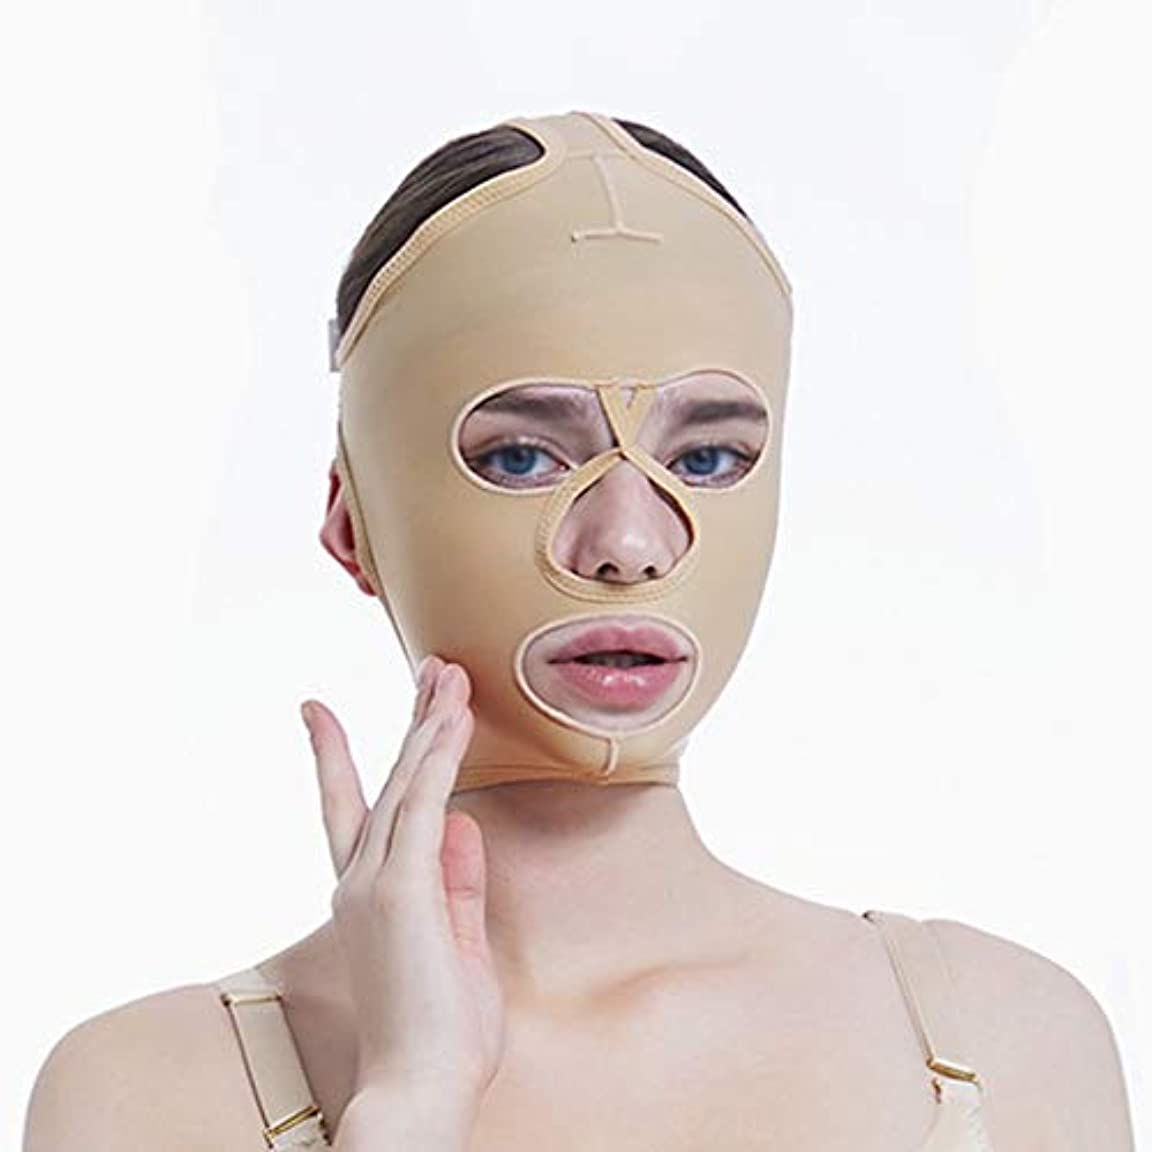 郵便番号教授持つXHLMRMJ チンリフティングベルト、超薄型ベルト、ファーミングマスク、包帯吊り上げ、フェイスリフティングマスク、超薄型ベルト、通気性 (Size : M)